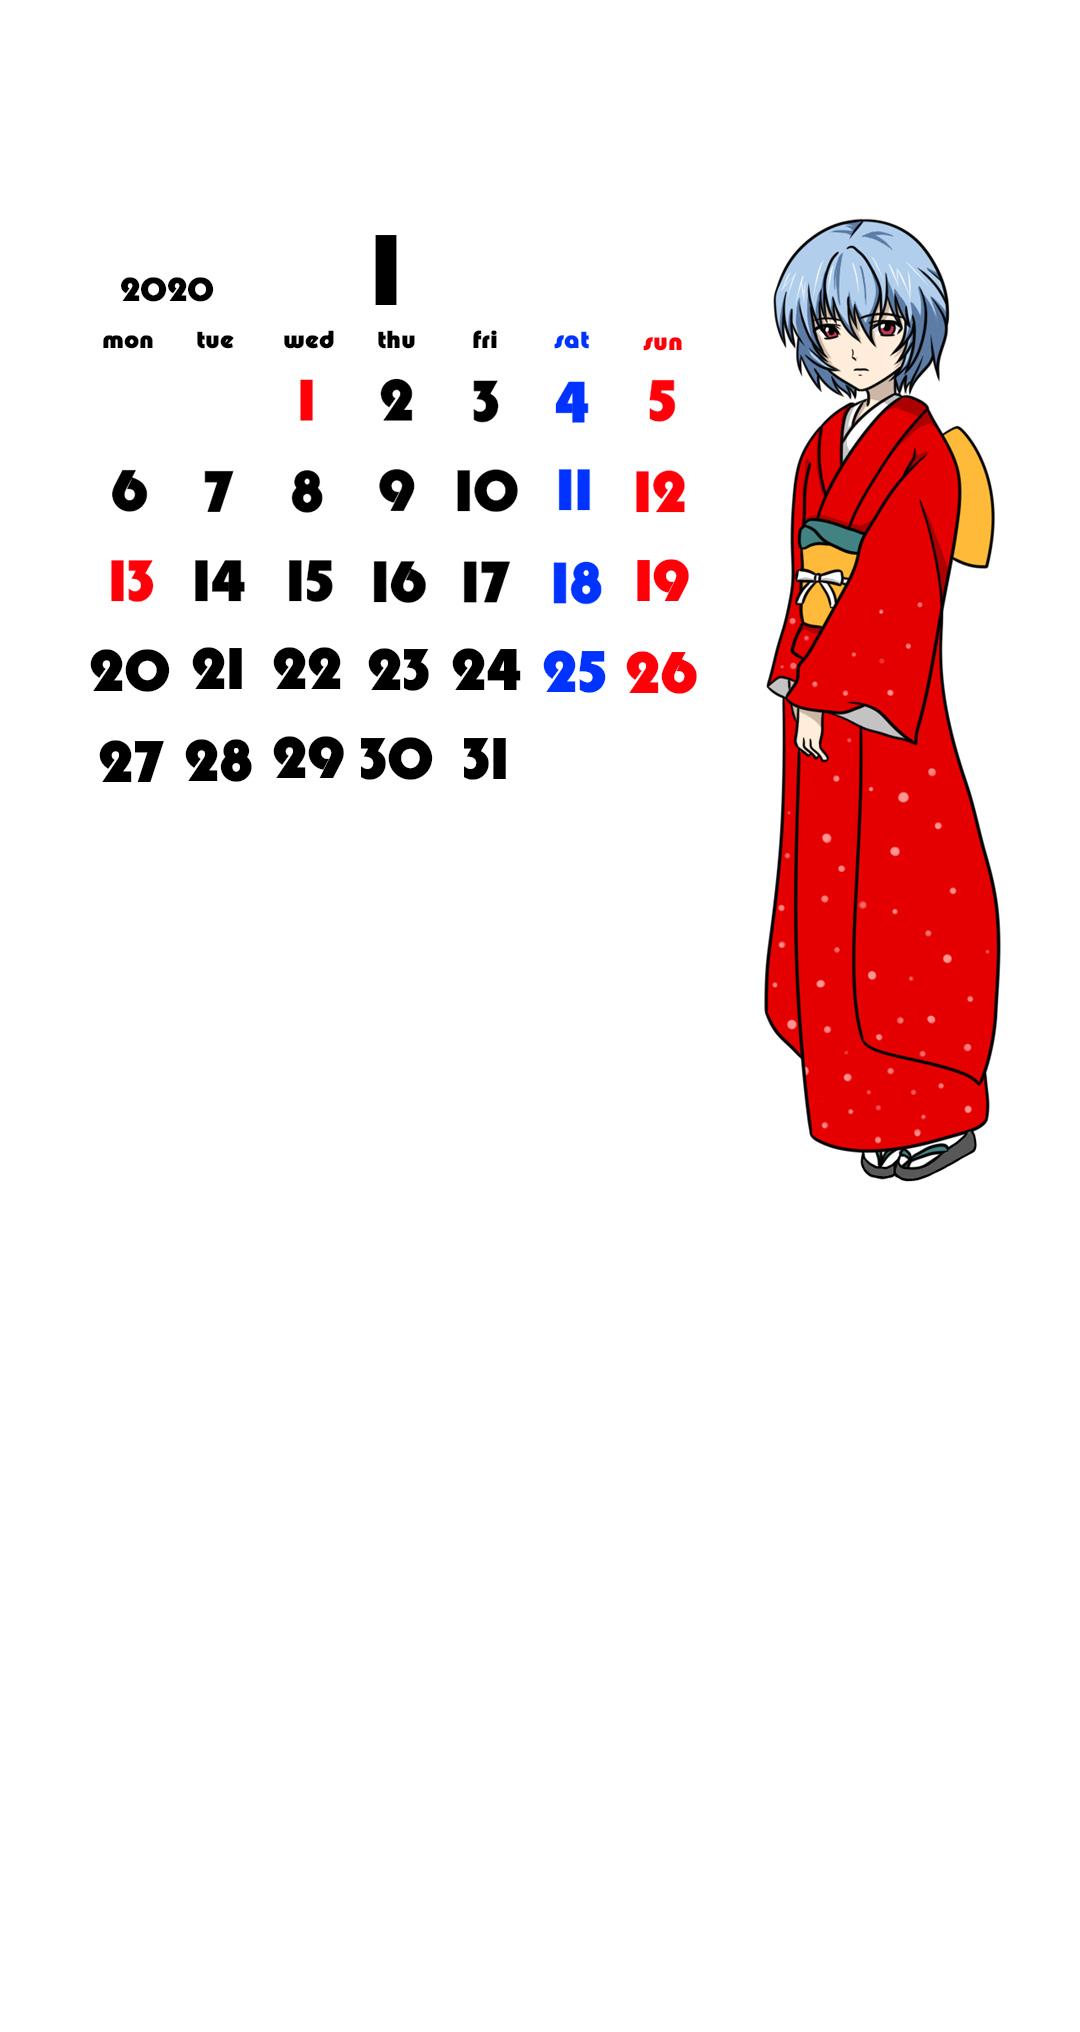 待ち受けカレンダー スマホ壁紙 エヴァンゲリオン 綾波レイ Android用 月曜始まり